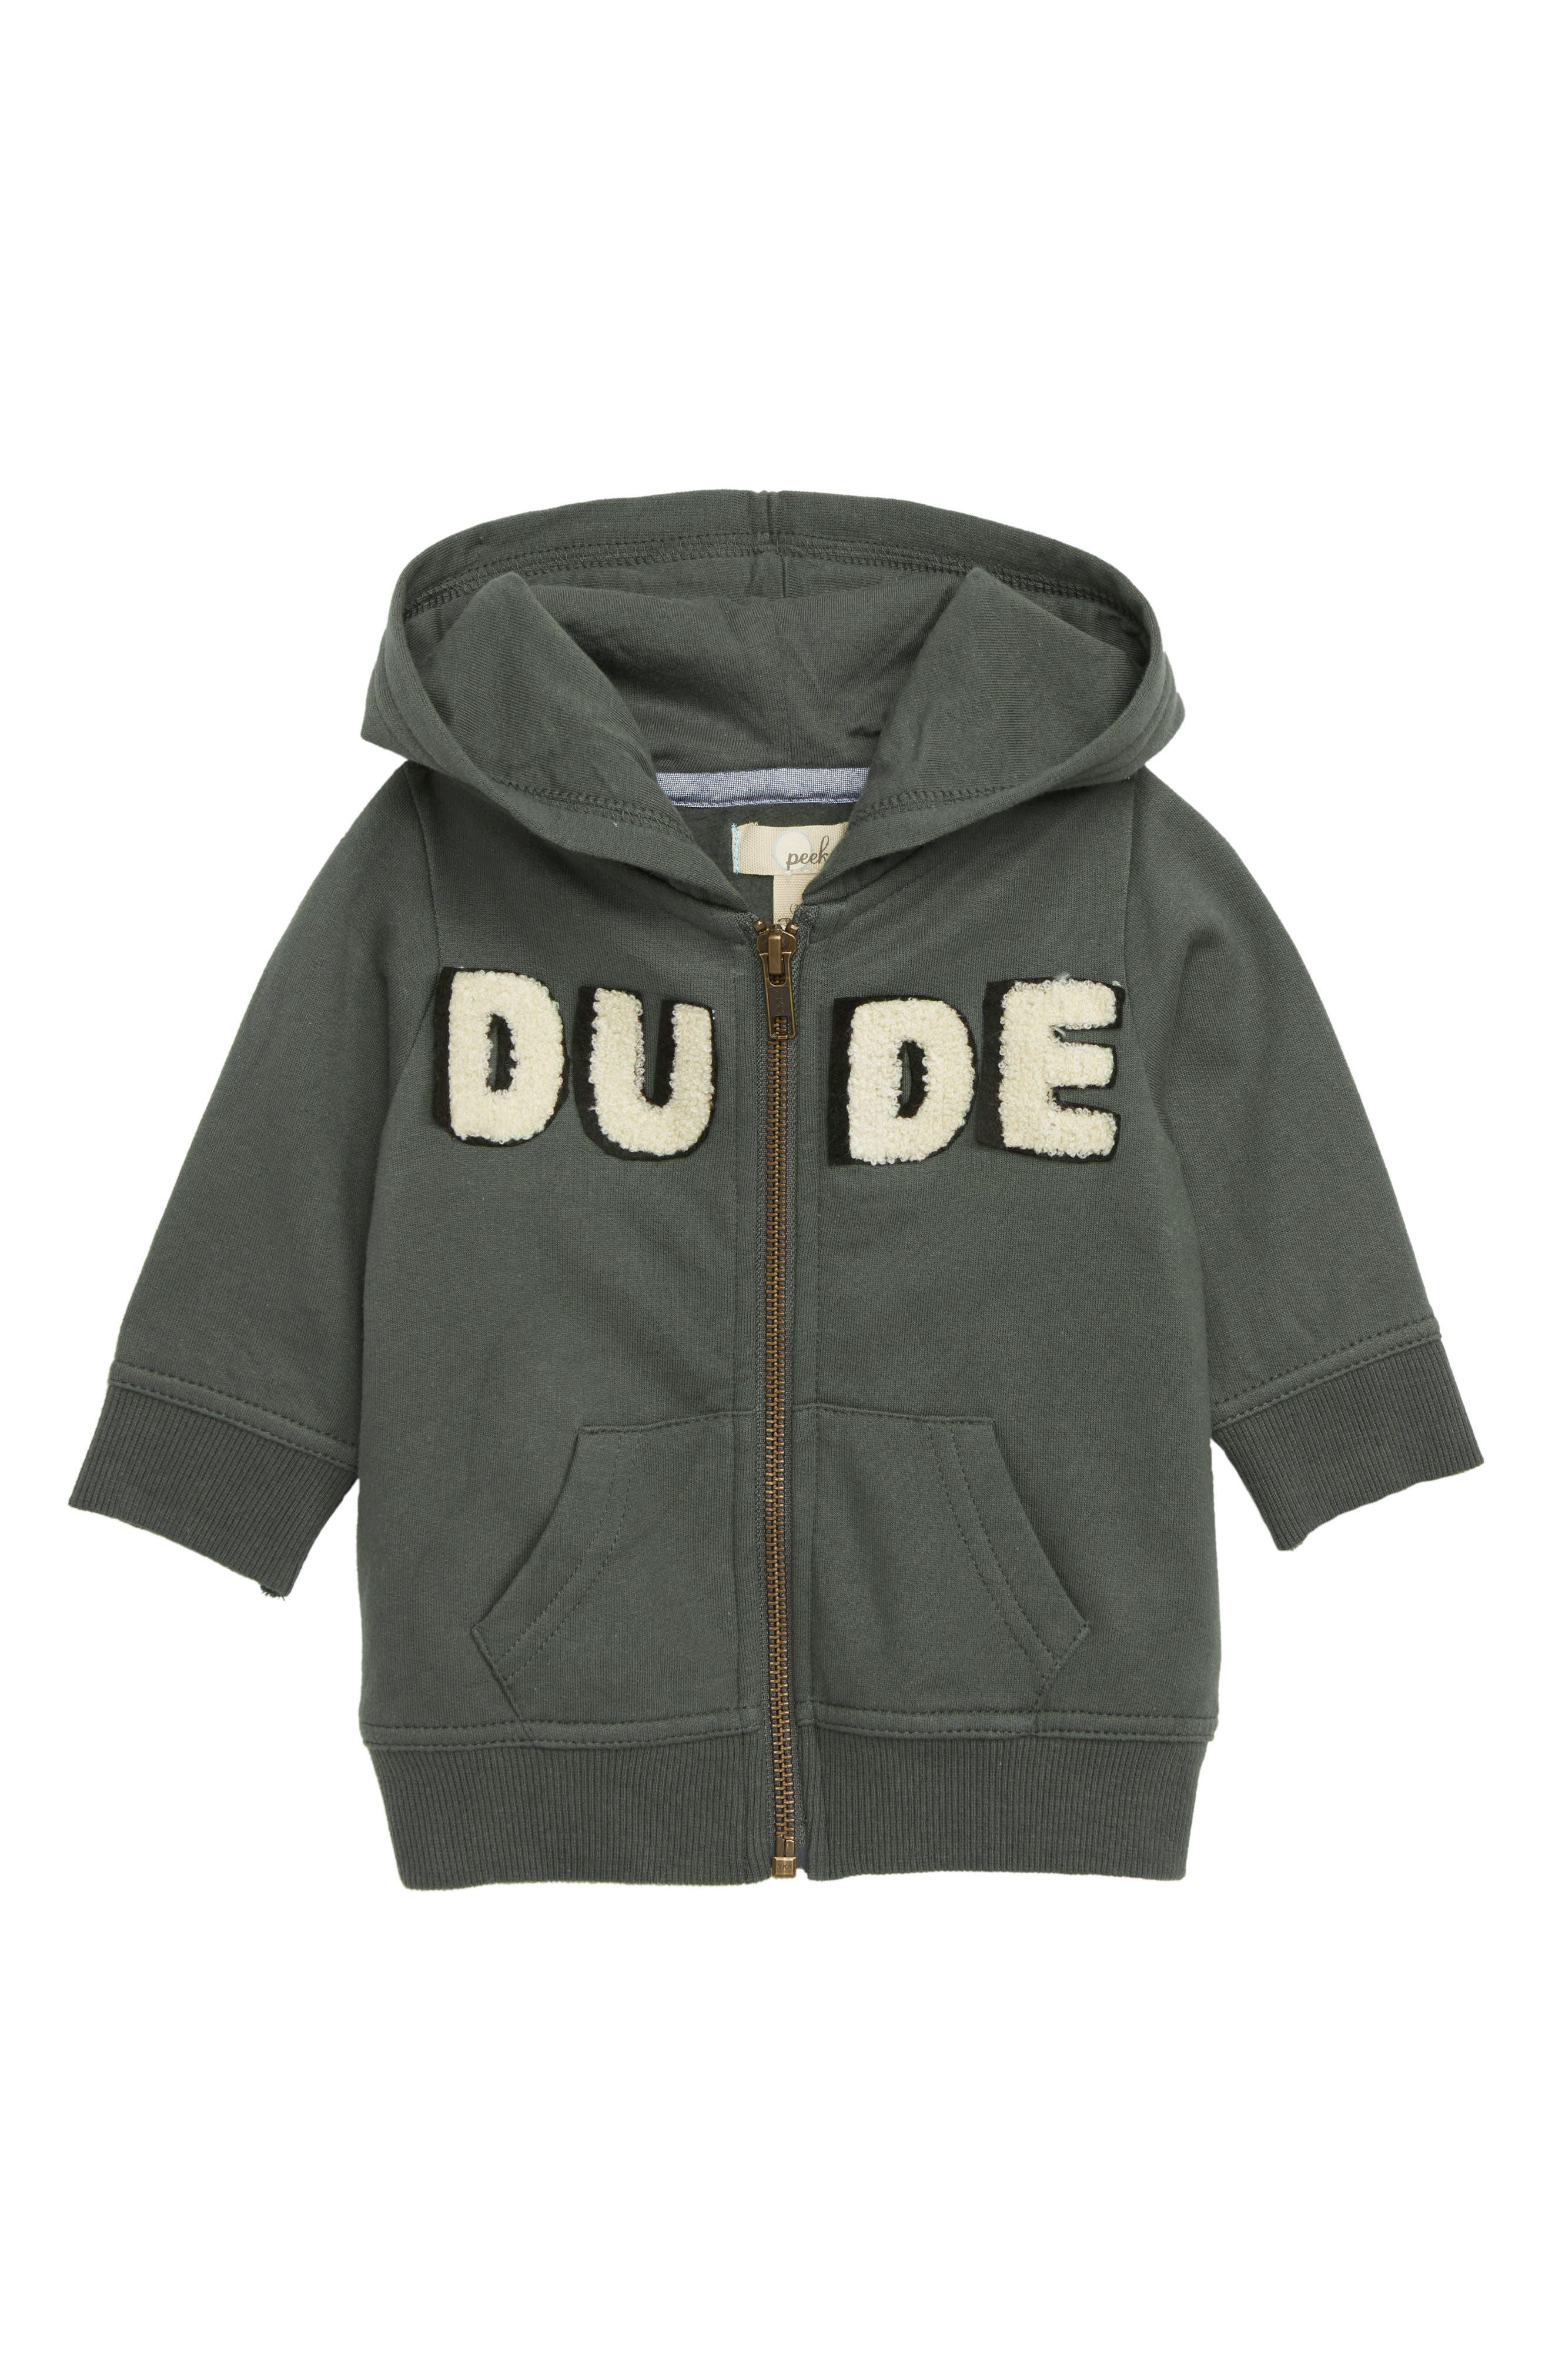 Peek Dude Zip Hoodie,                         Main,                         color, OLIVE